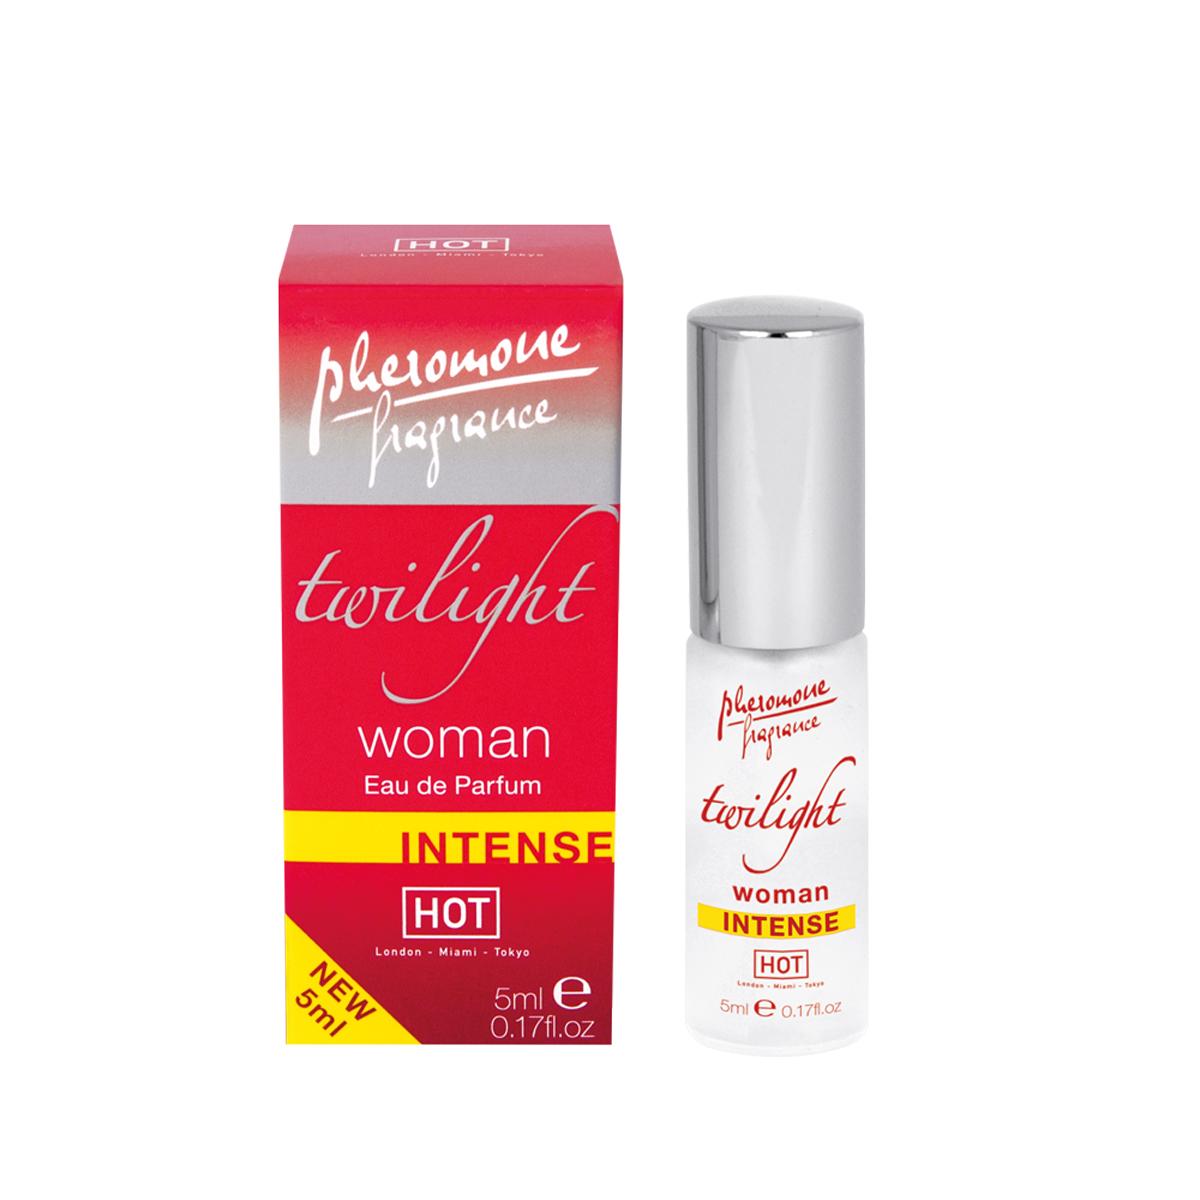 Hot Женские духи с феромонами Twilight Intense, 5 мл28032022Высококачественный парфюм, обогащенный феромонами. Этот аромат поразит желанную цель прямо в сердце!